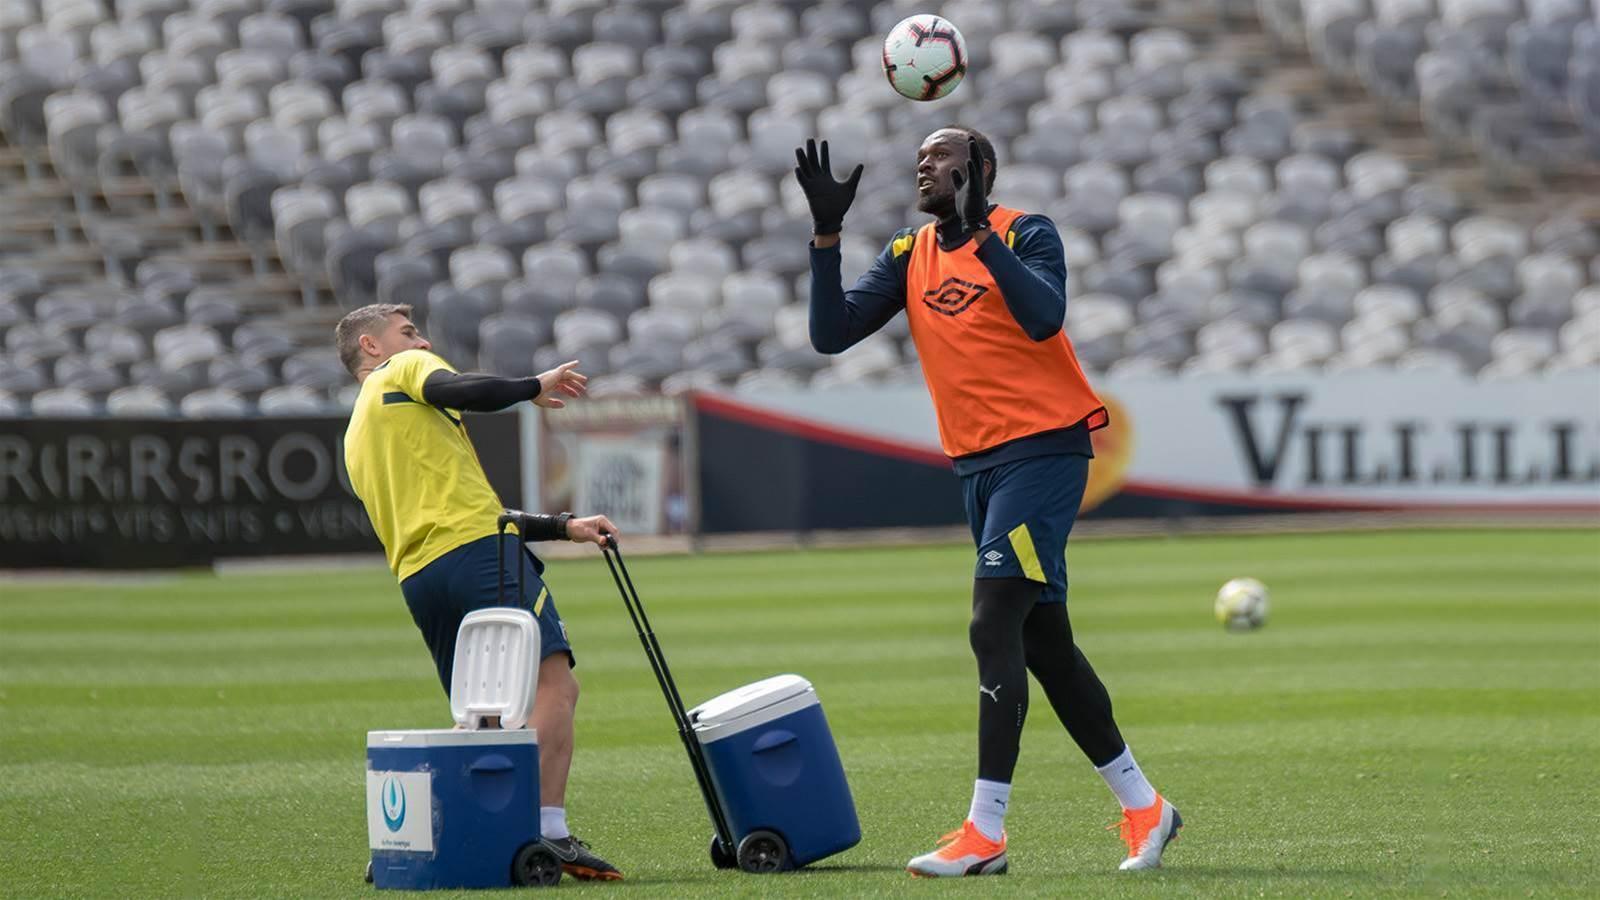 McCormack's brutal verdict on Usain Bolt